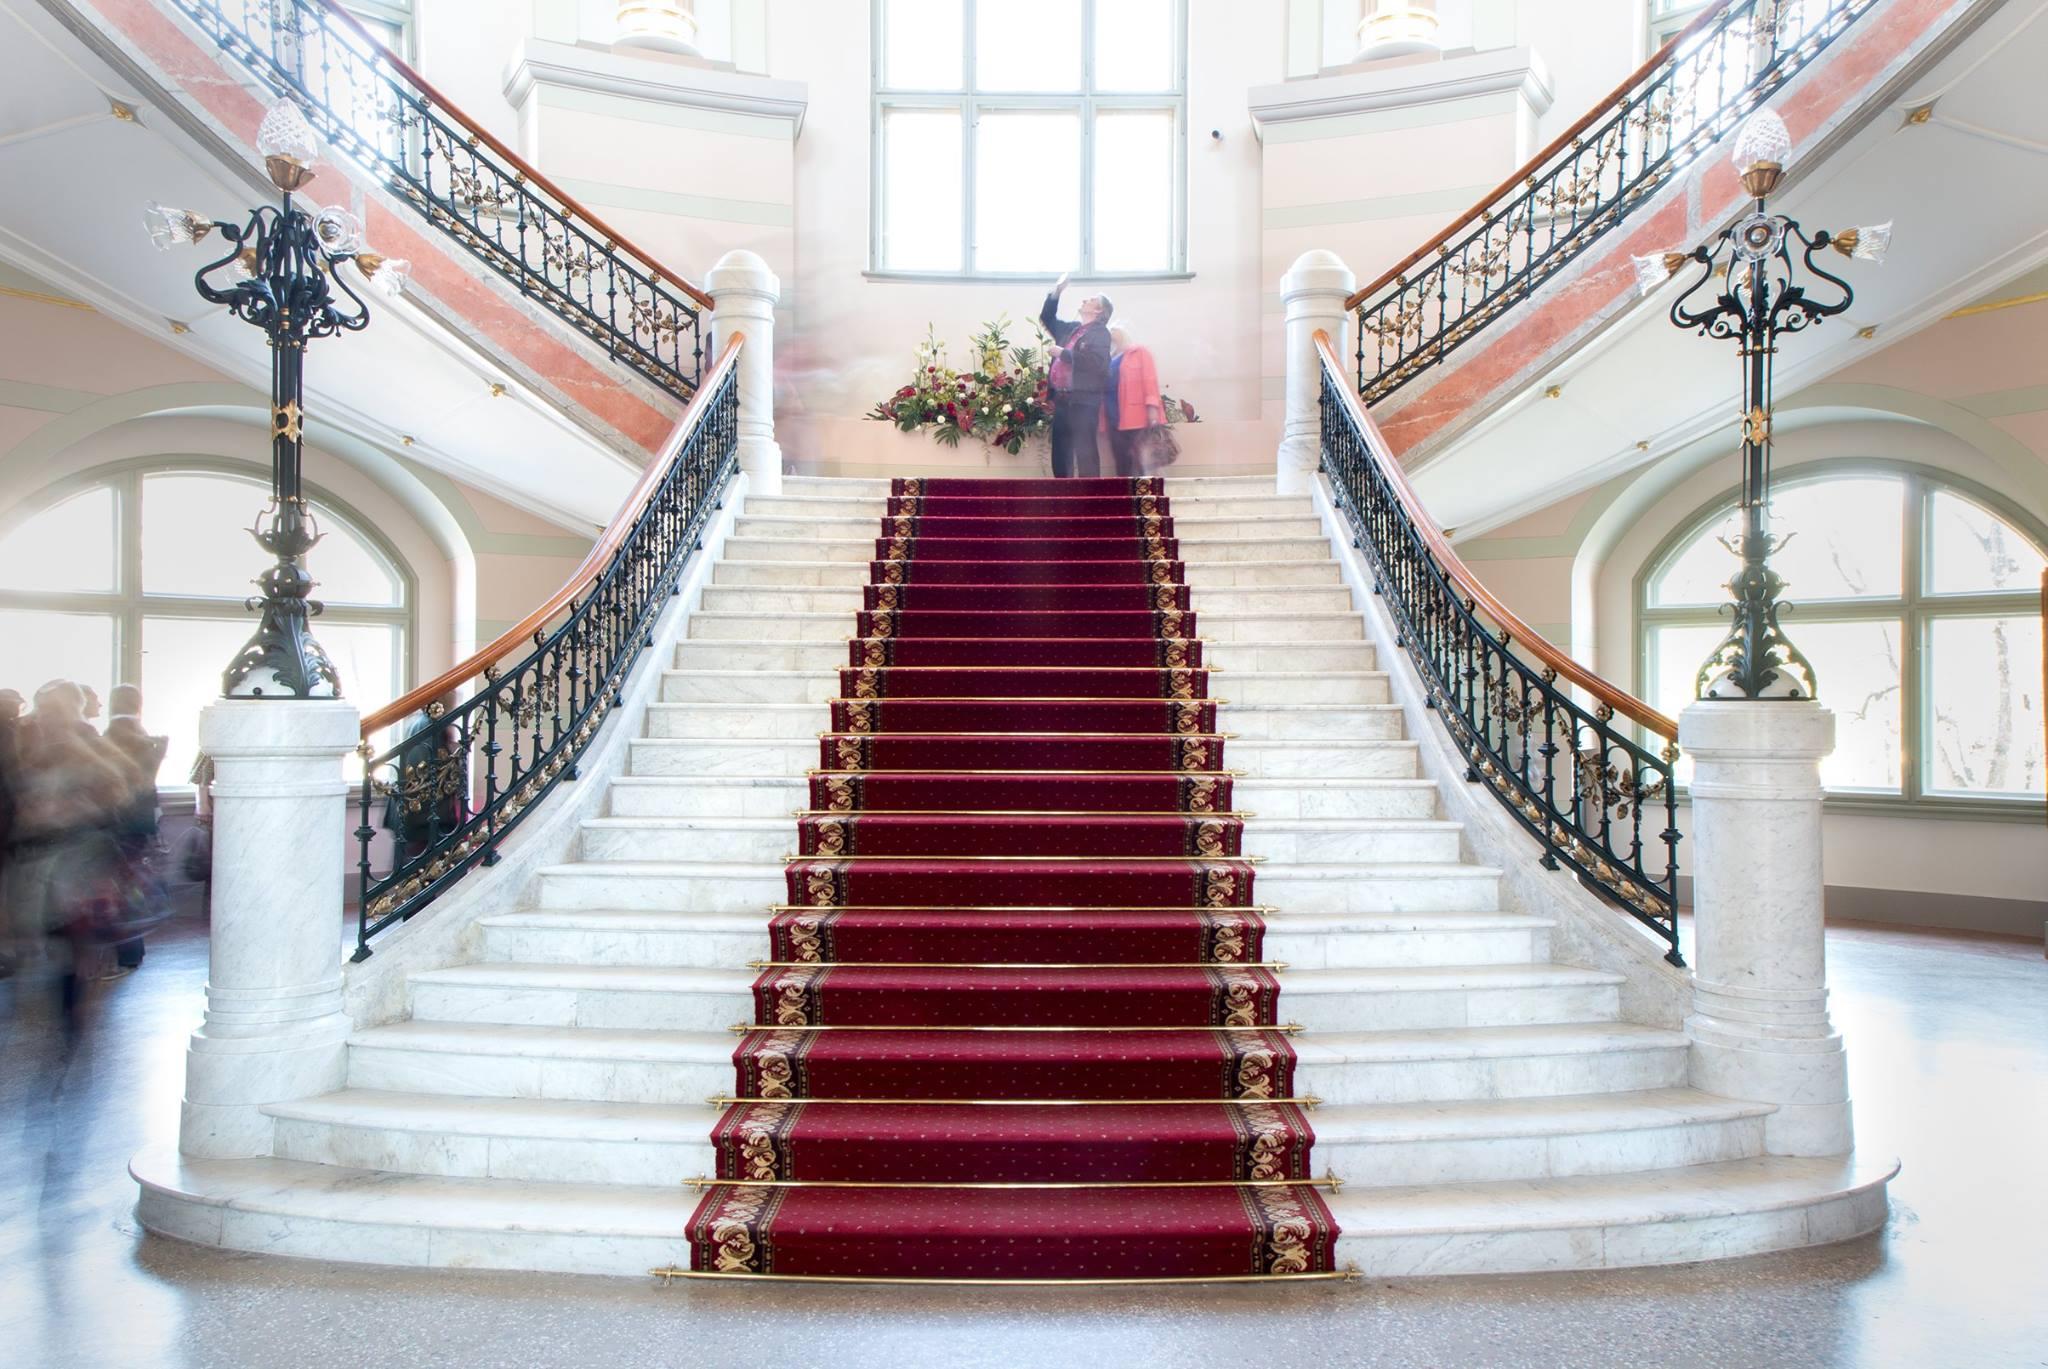 """Uzņēmuma """"Pilsakmens"""" atjaunotās kāpnes no marmora Latvijas Nacionālā mākslas muzeja ēkā"""